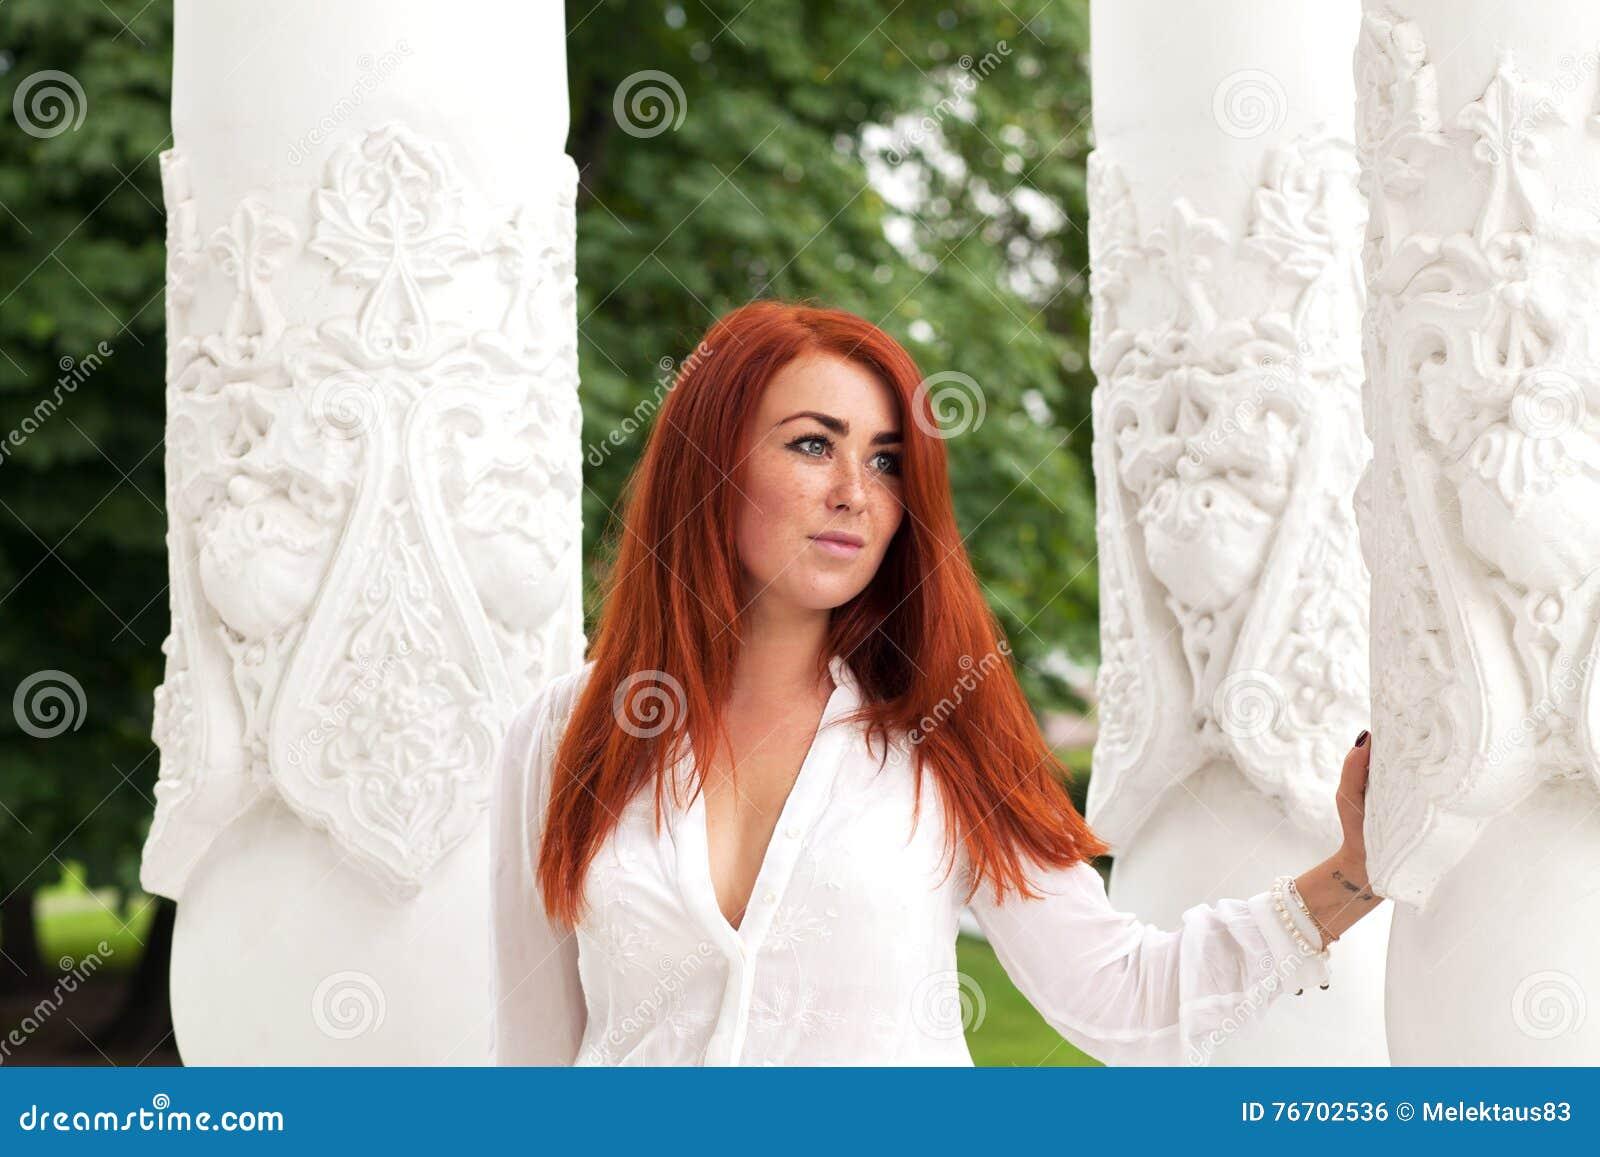 Applicerad effekt filters hårredkvinnan